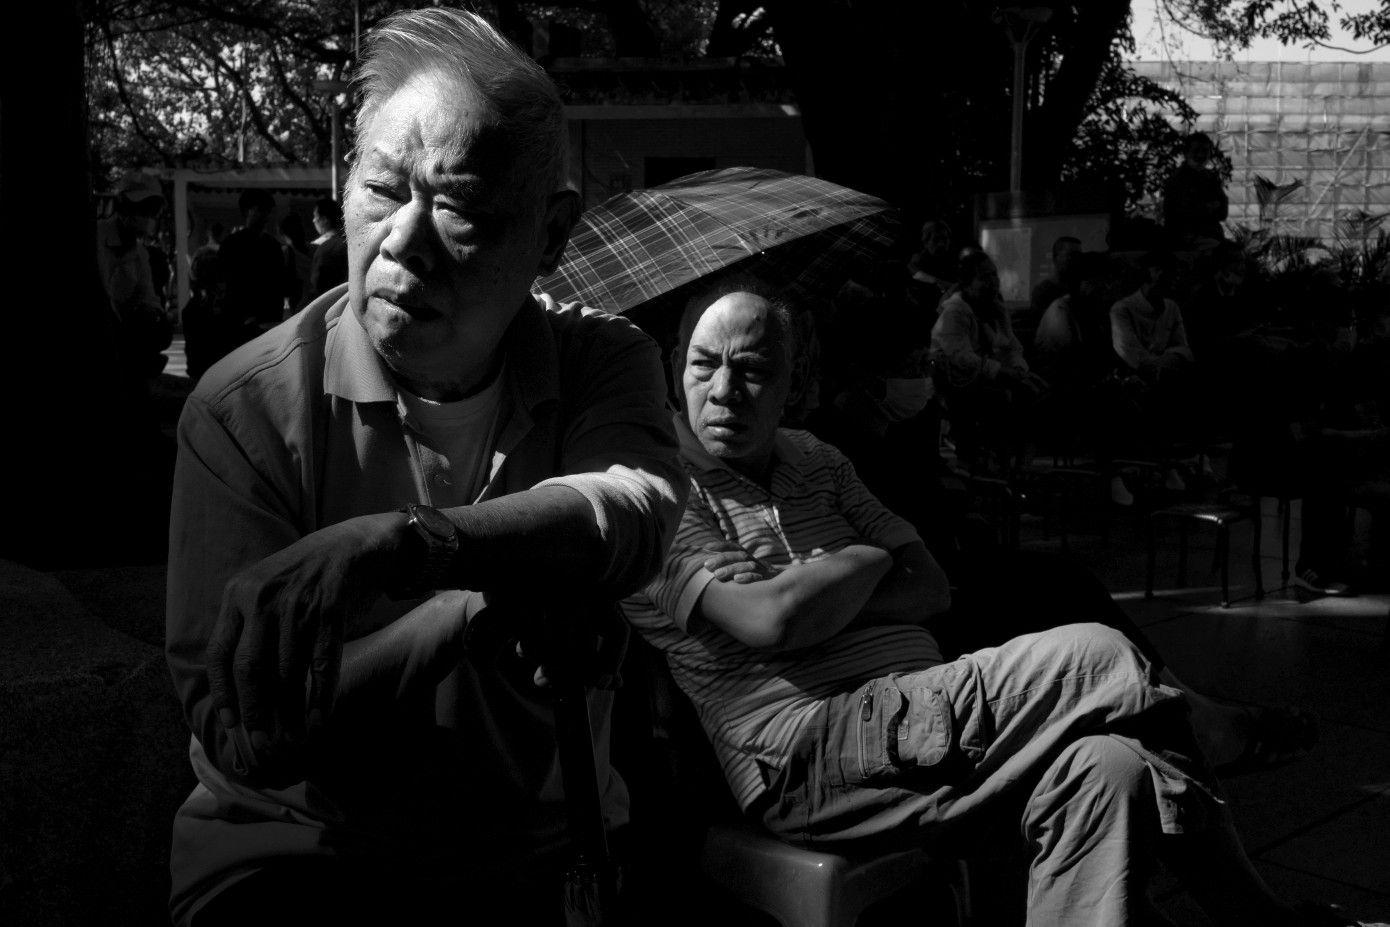 Guangzhou, China 2020. #Portrait #streetphotography #china